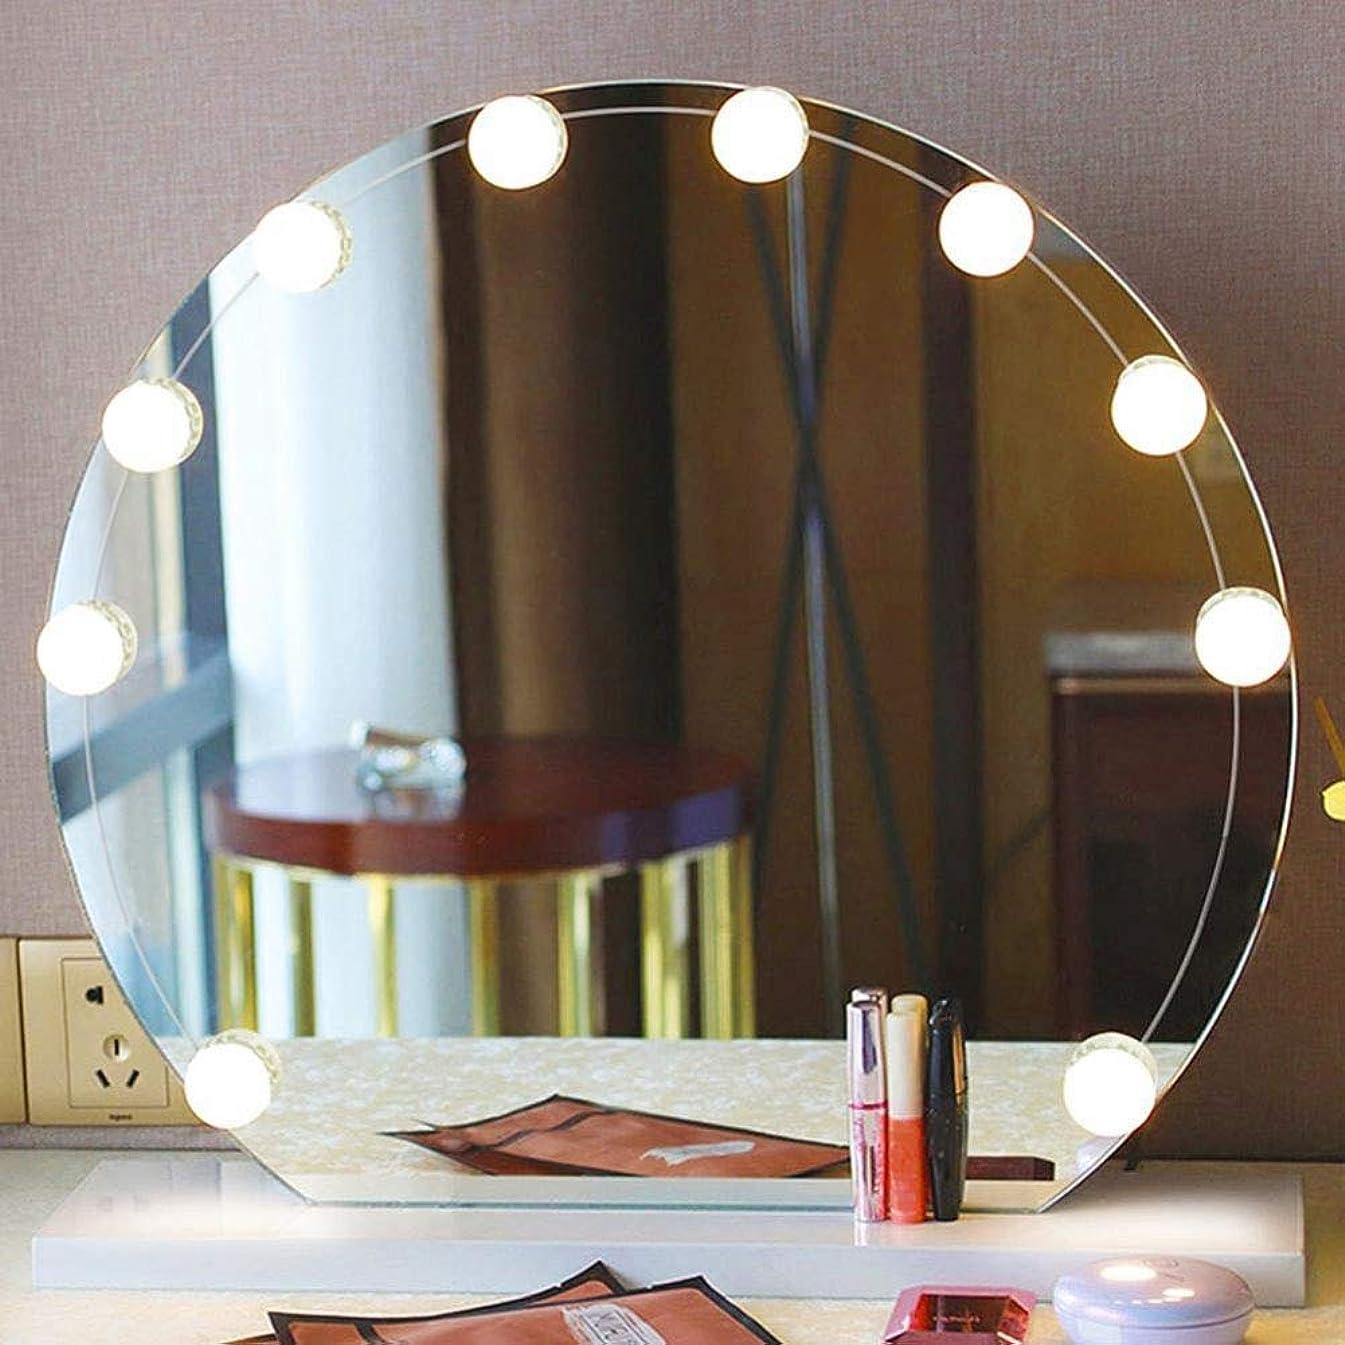 小さなスラム同様にtiktok 女優ミラーライト 10個LED電球 USB給電 調光可能 ひもの長さも調整でき 化粧鏡ライト 10W 省エネ 取り付け便利 化粧台 美容室などに適用